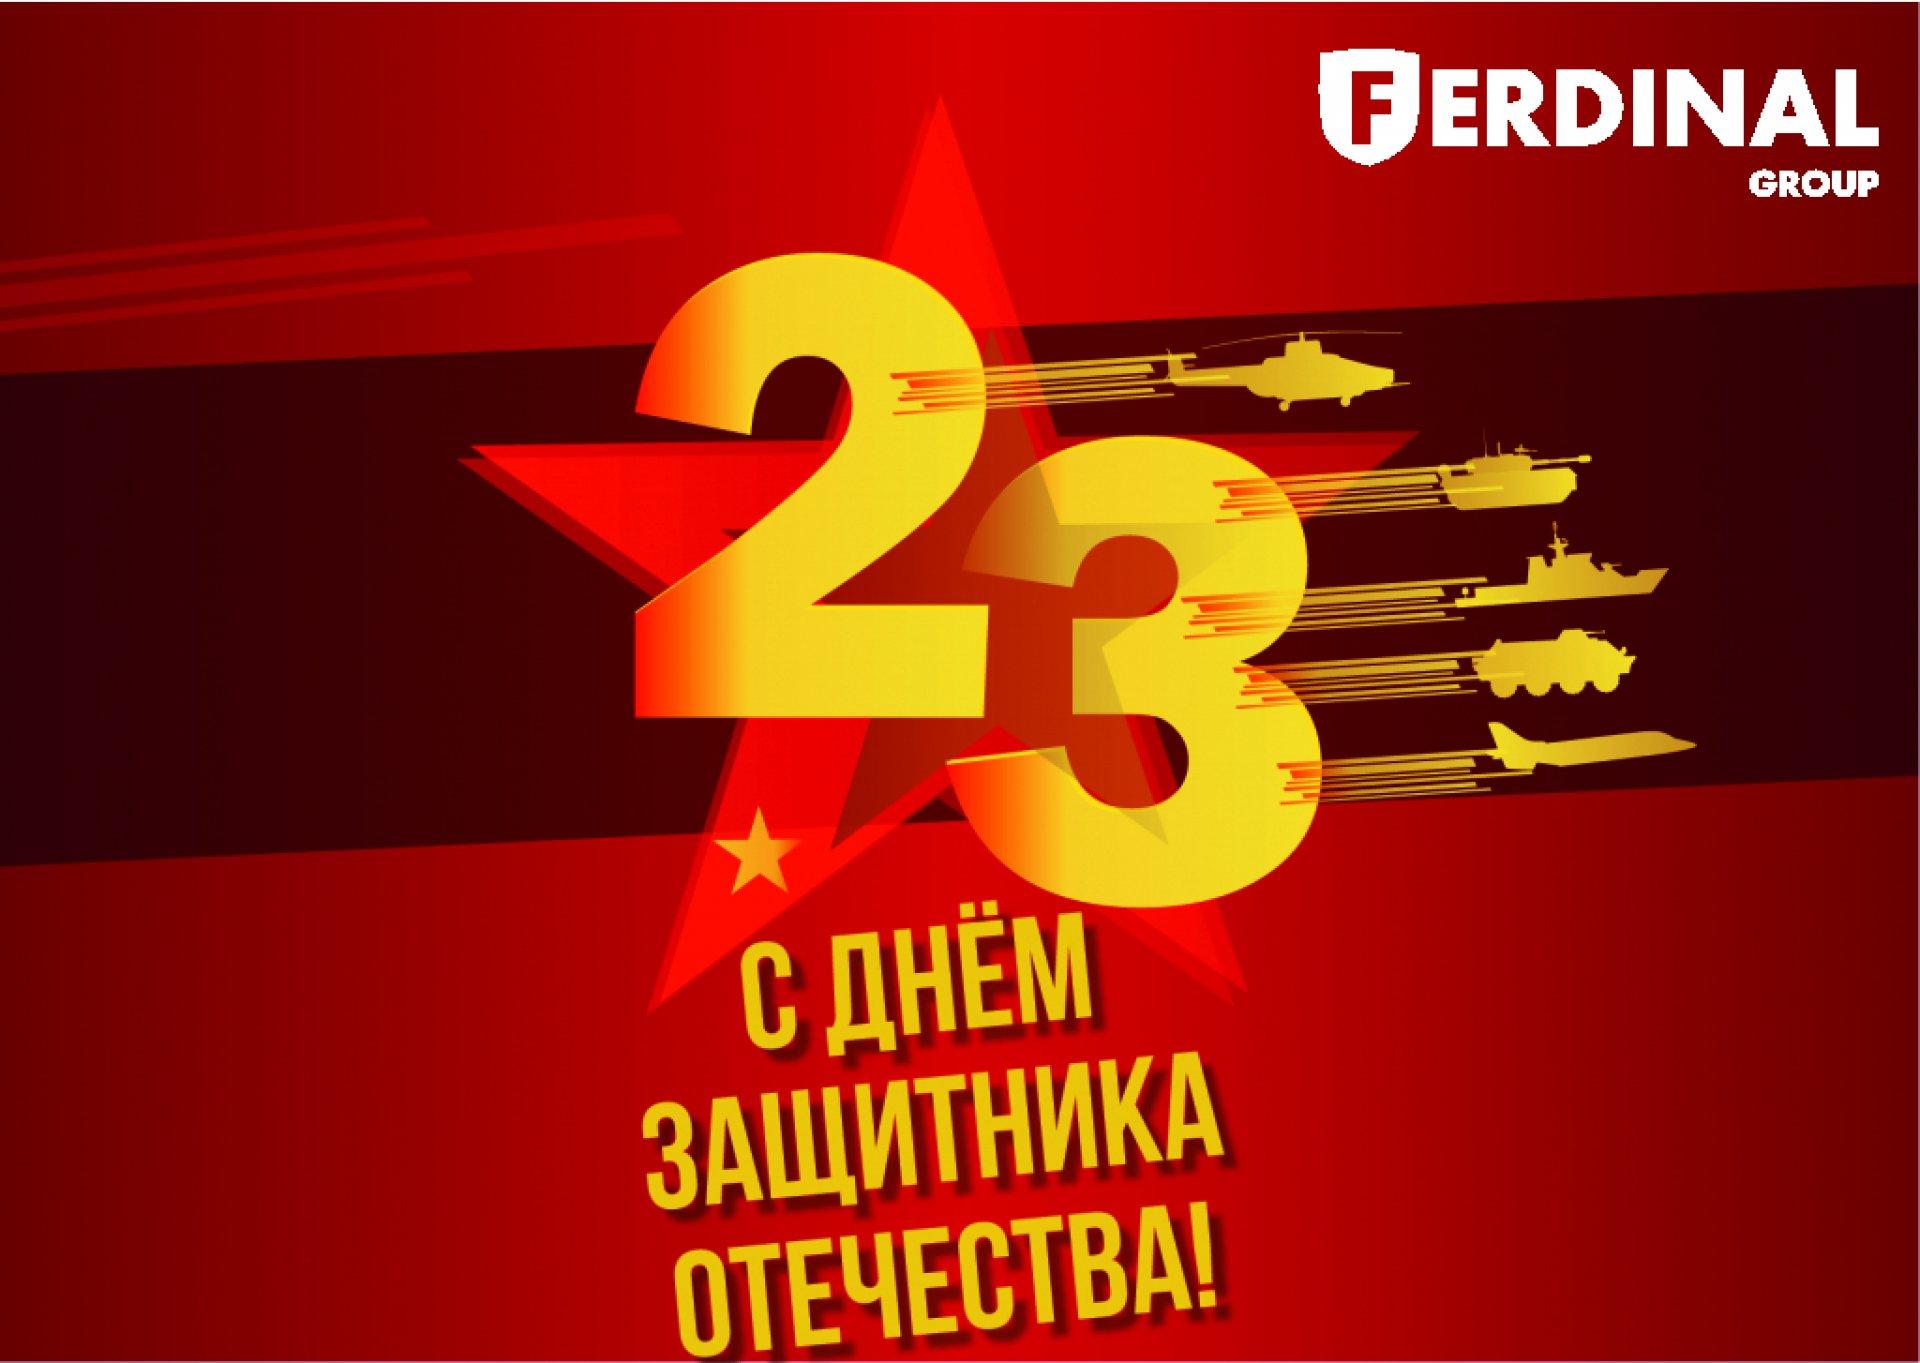 Мы поздравляем Вас с Днем защитник отечества!